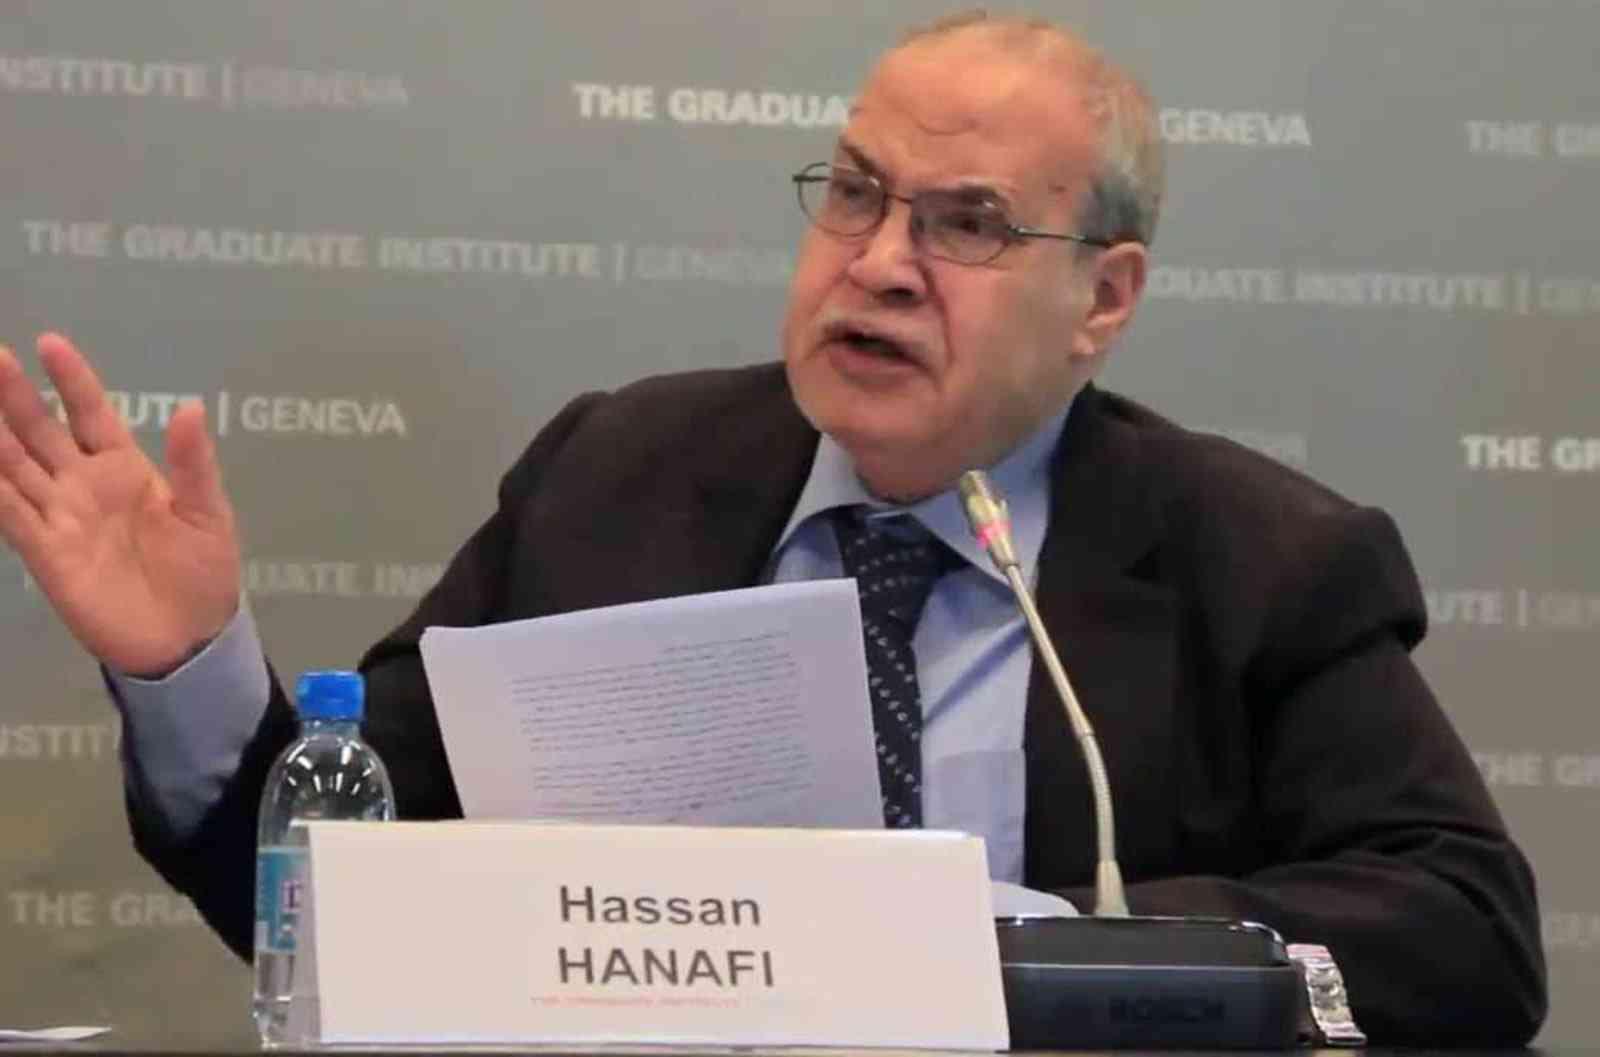 الدكتور حسن حنفي